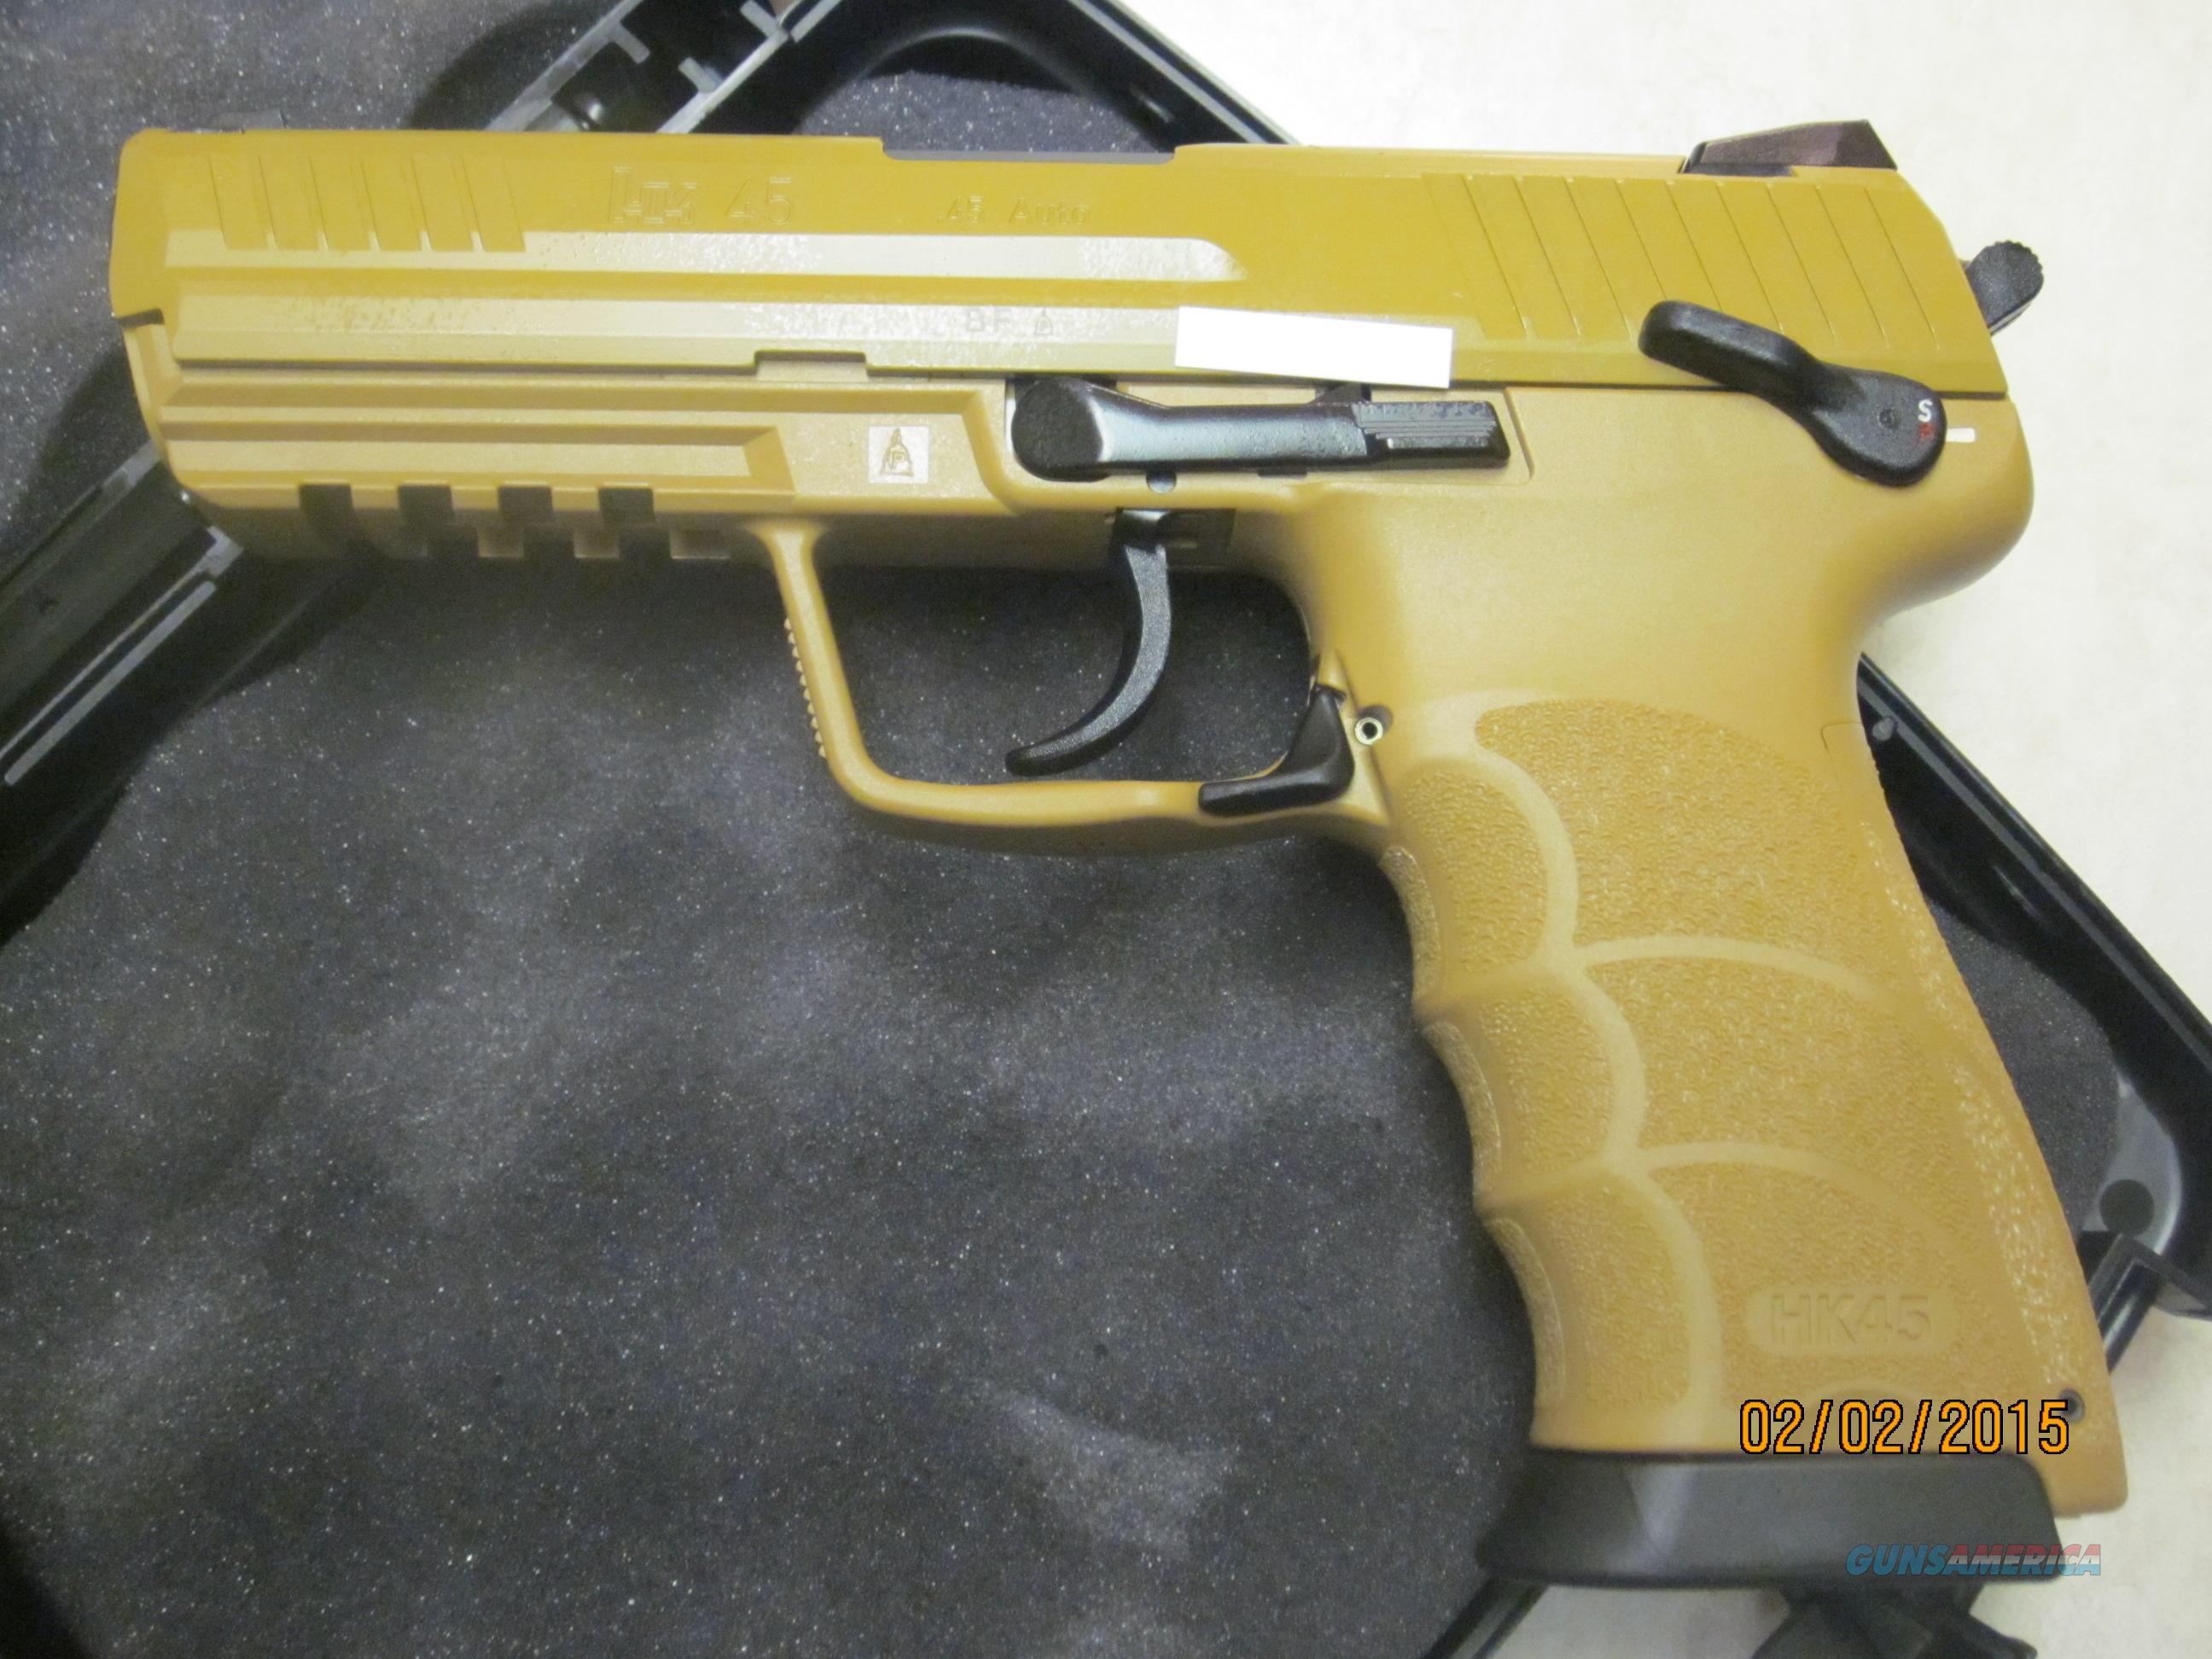 Heckler & Koch H&K HK45 Sand 45 FDE NIB  Guns > Pistols > Heckler & Koch Pistols > Polymer Frame